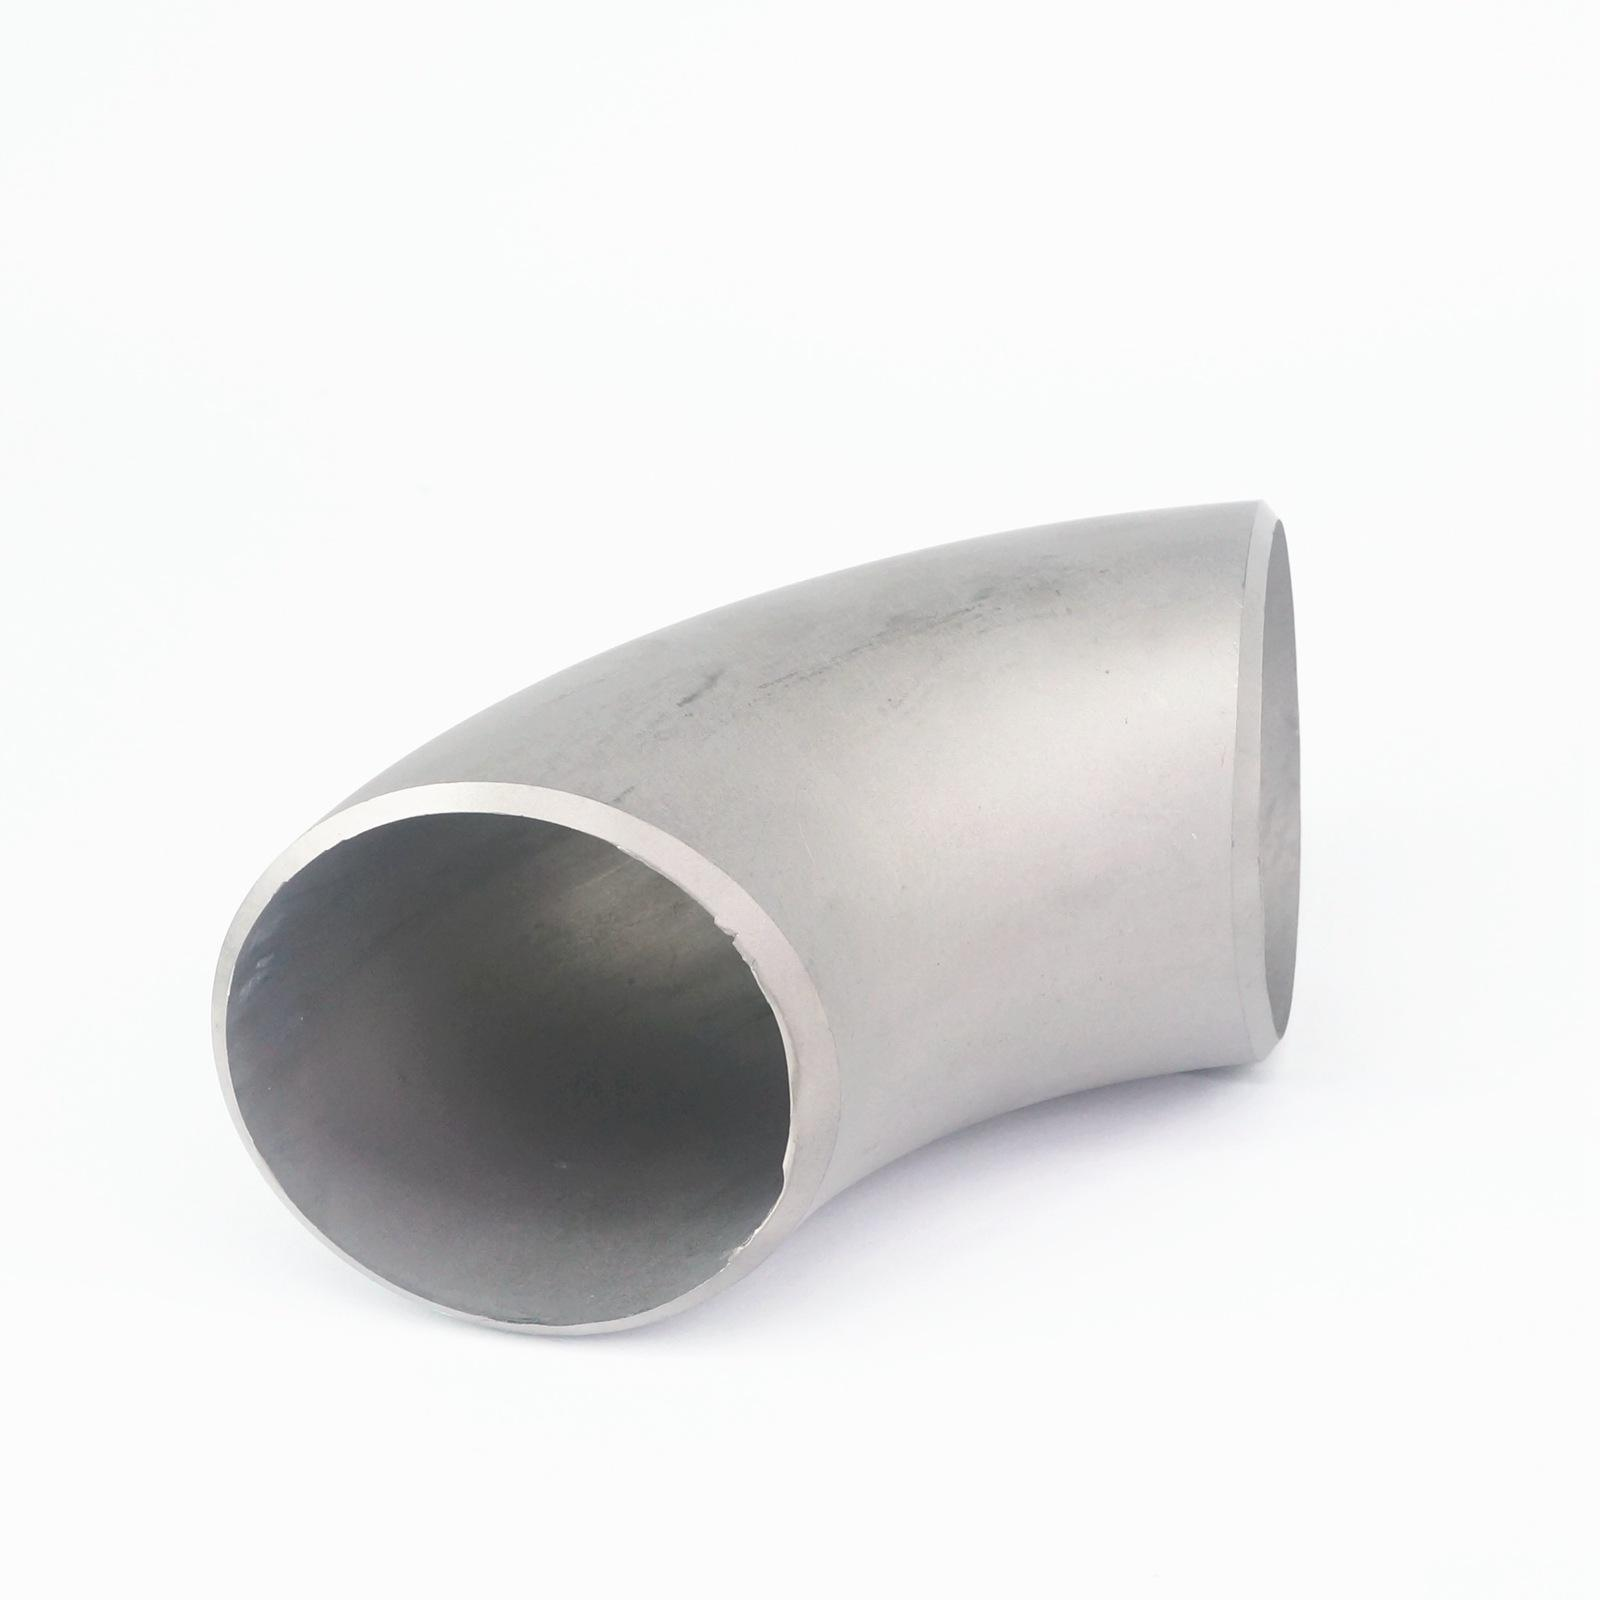 Raccord de tuyau coudé à 90 degrés | De 89x4mm 3.5